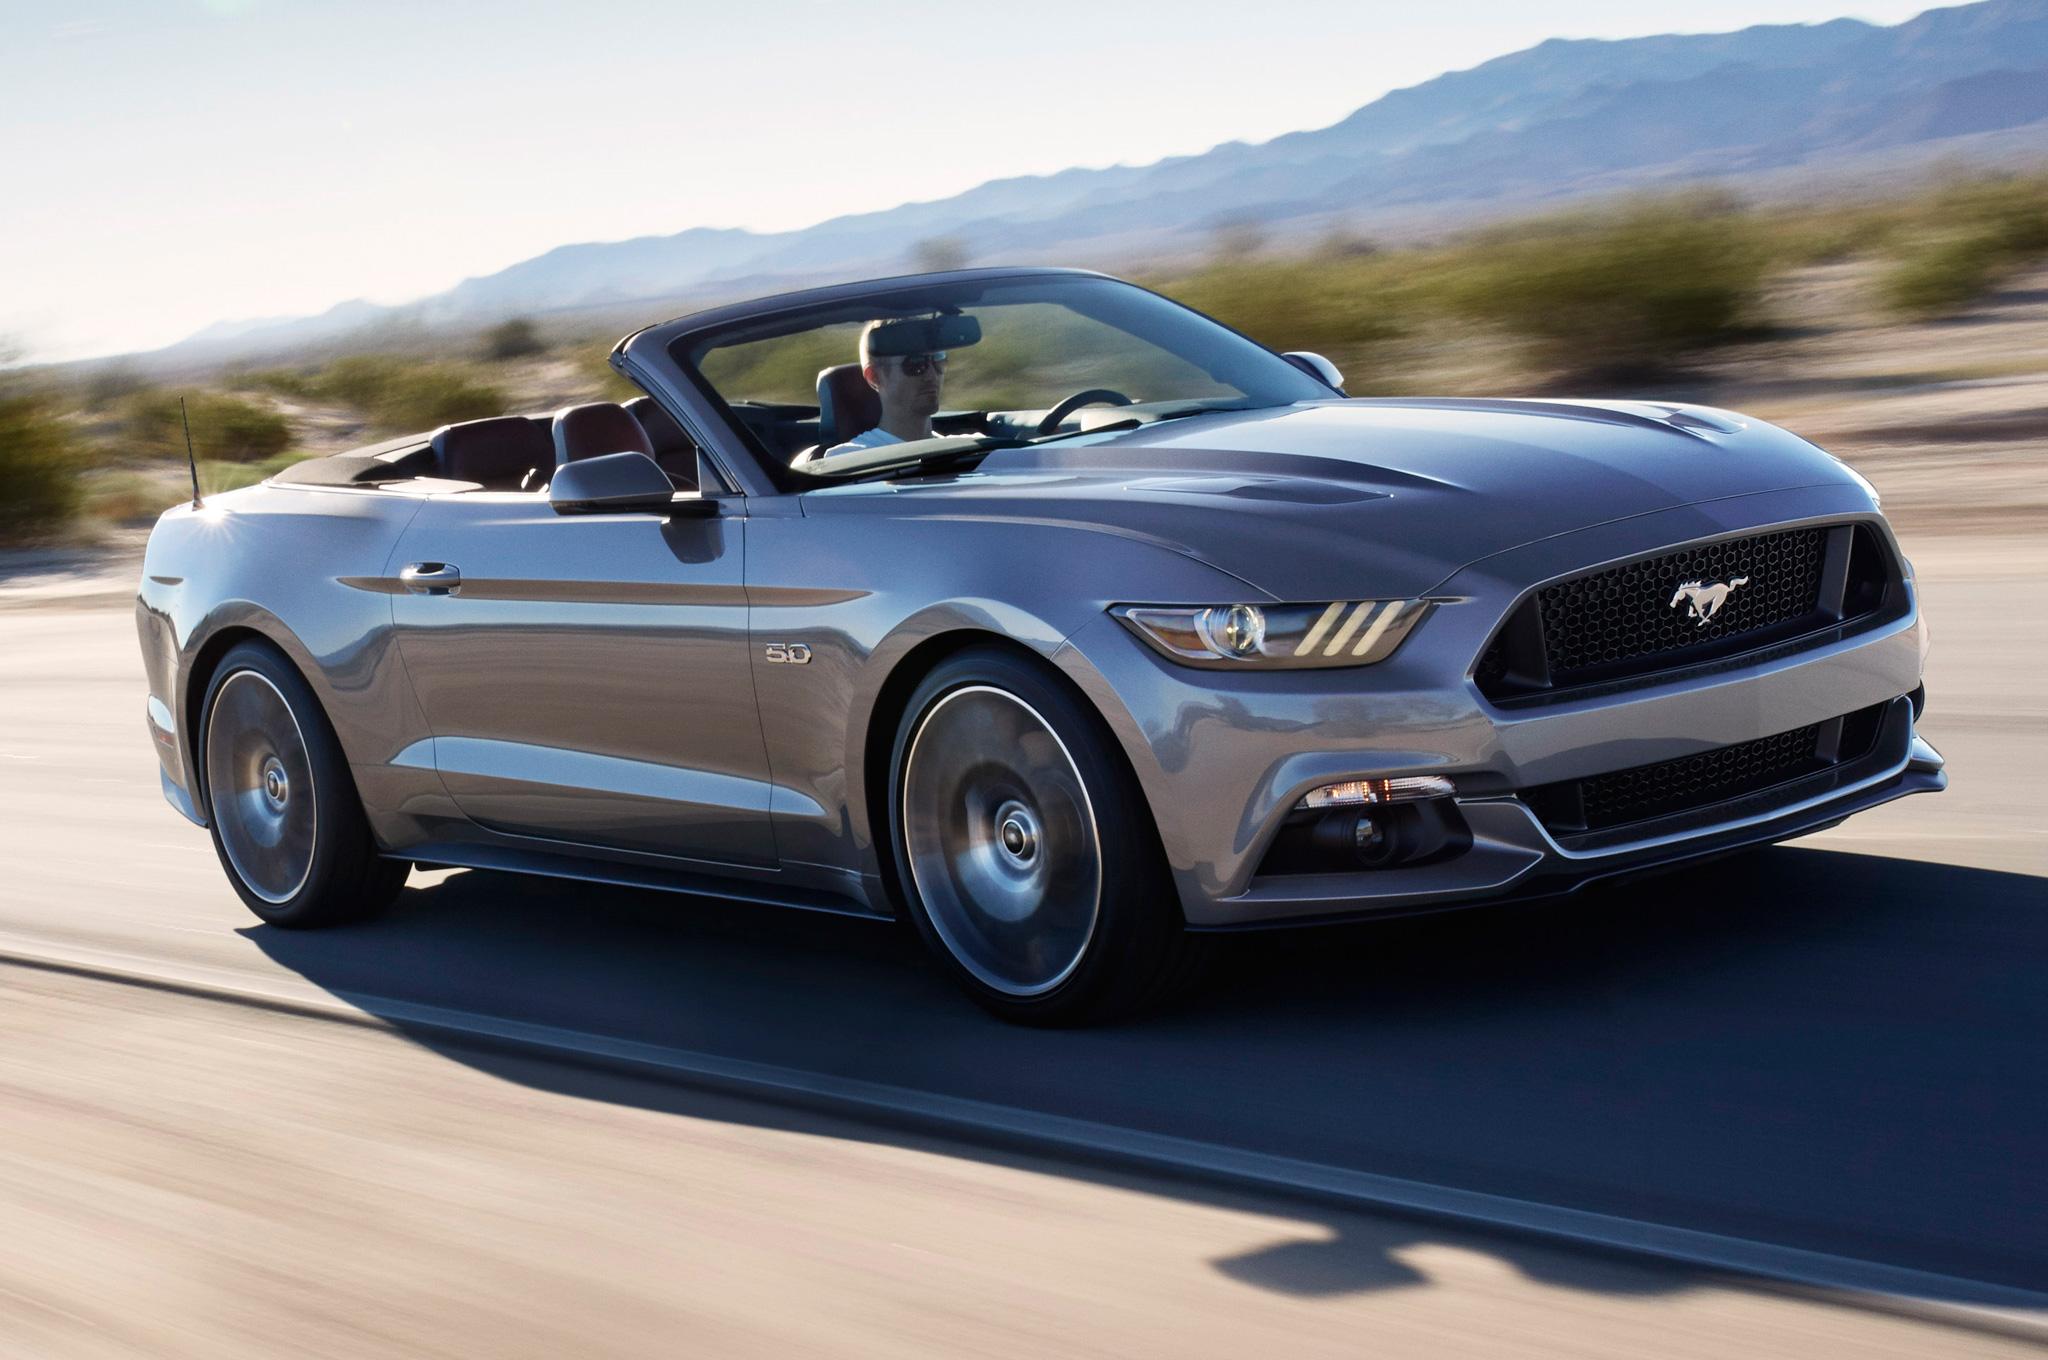 2015 Ford Mustang GT Nice Desktop Wallpaper Download CarsWallpaper 2048x1360